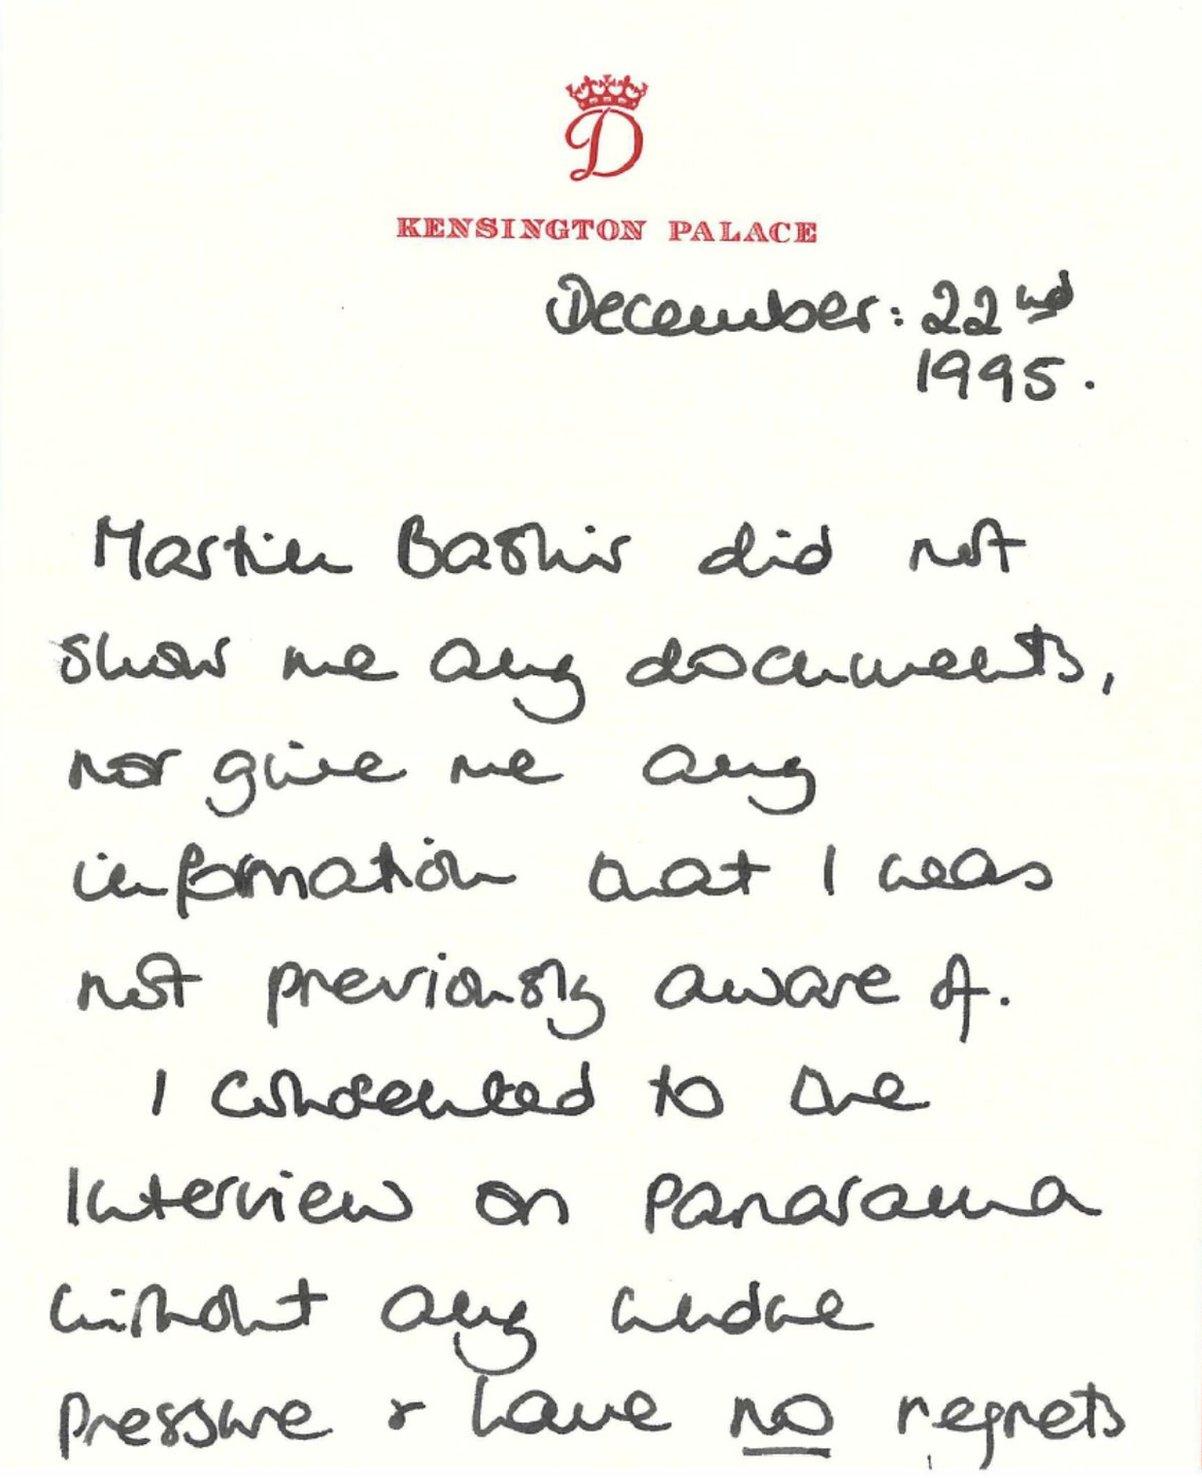 戴安娜王妃寄送巴希爾的便條,日期為1995年12月22日